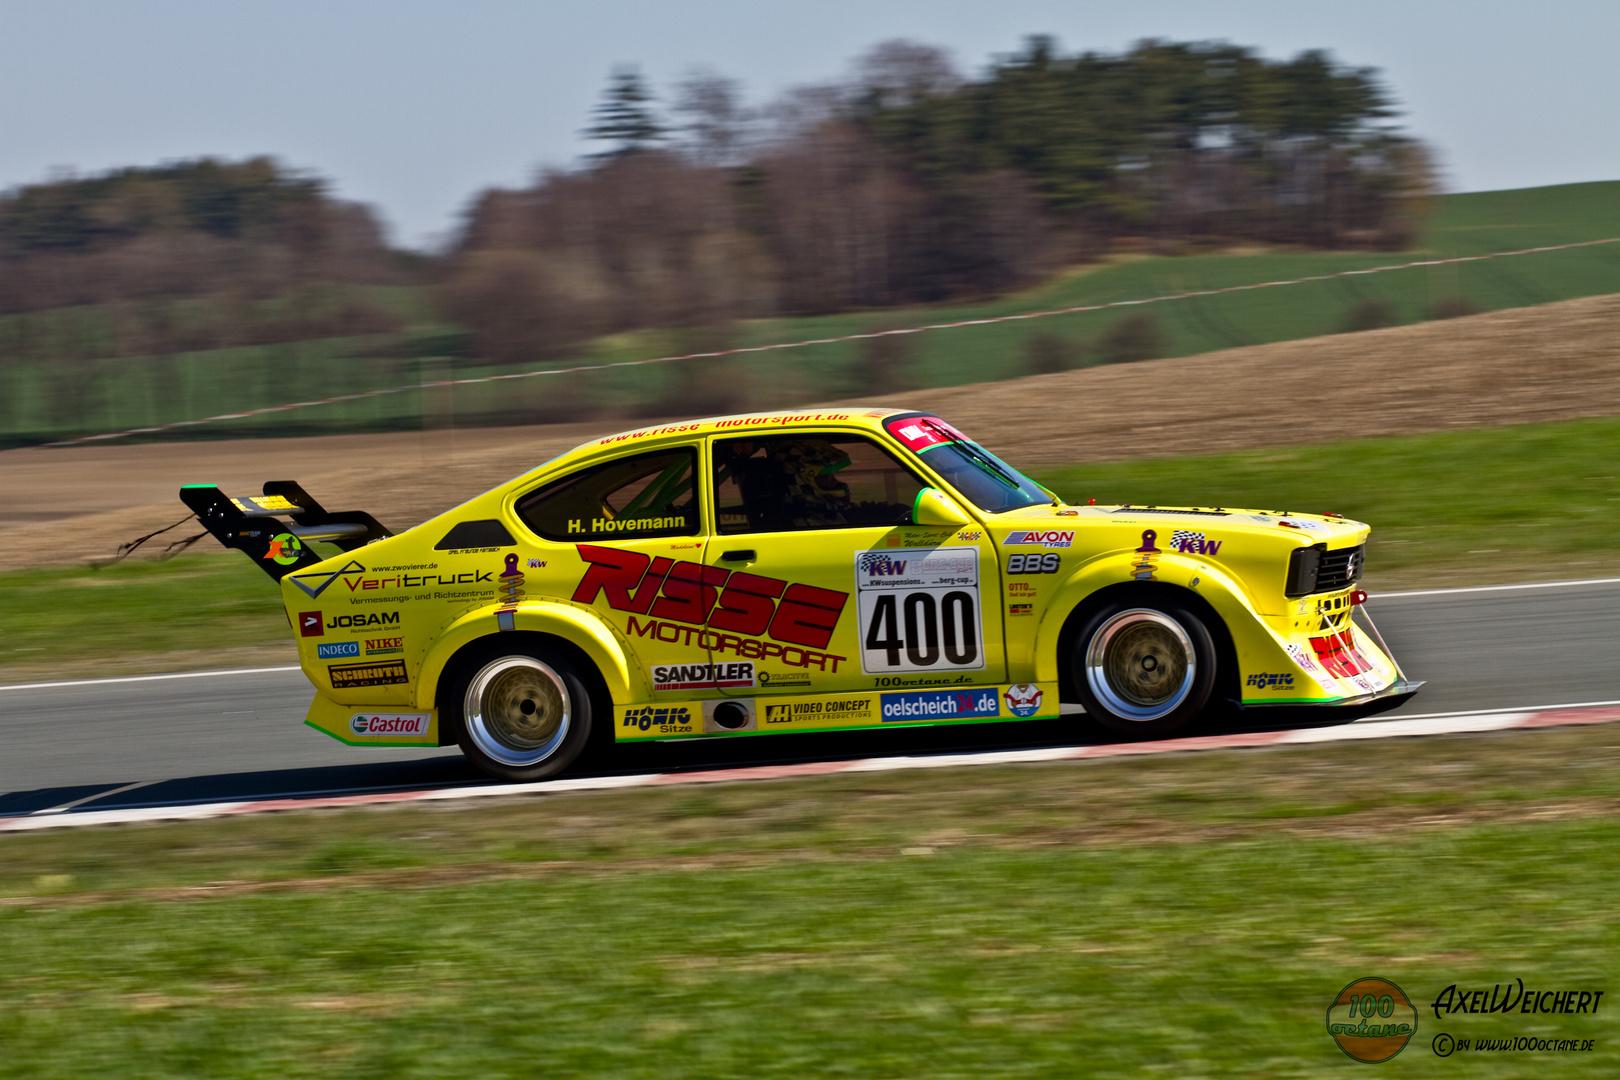 Opel Kadett Risse C Coupé - Holger Hovemann